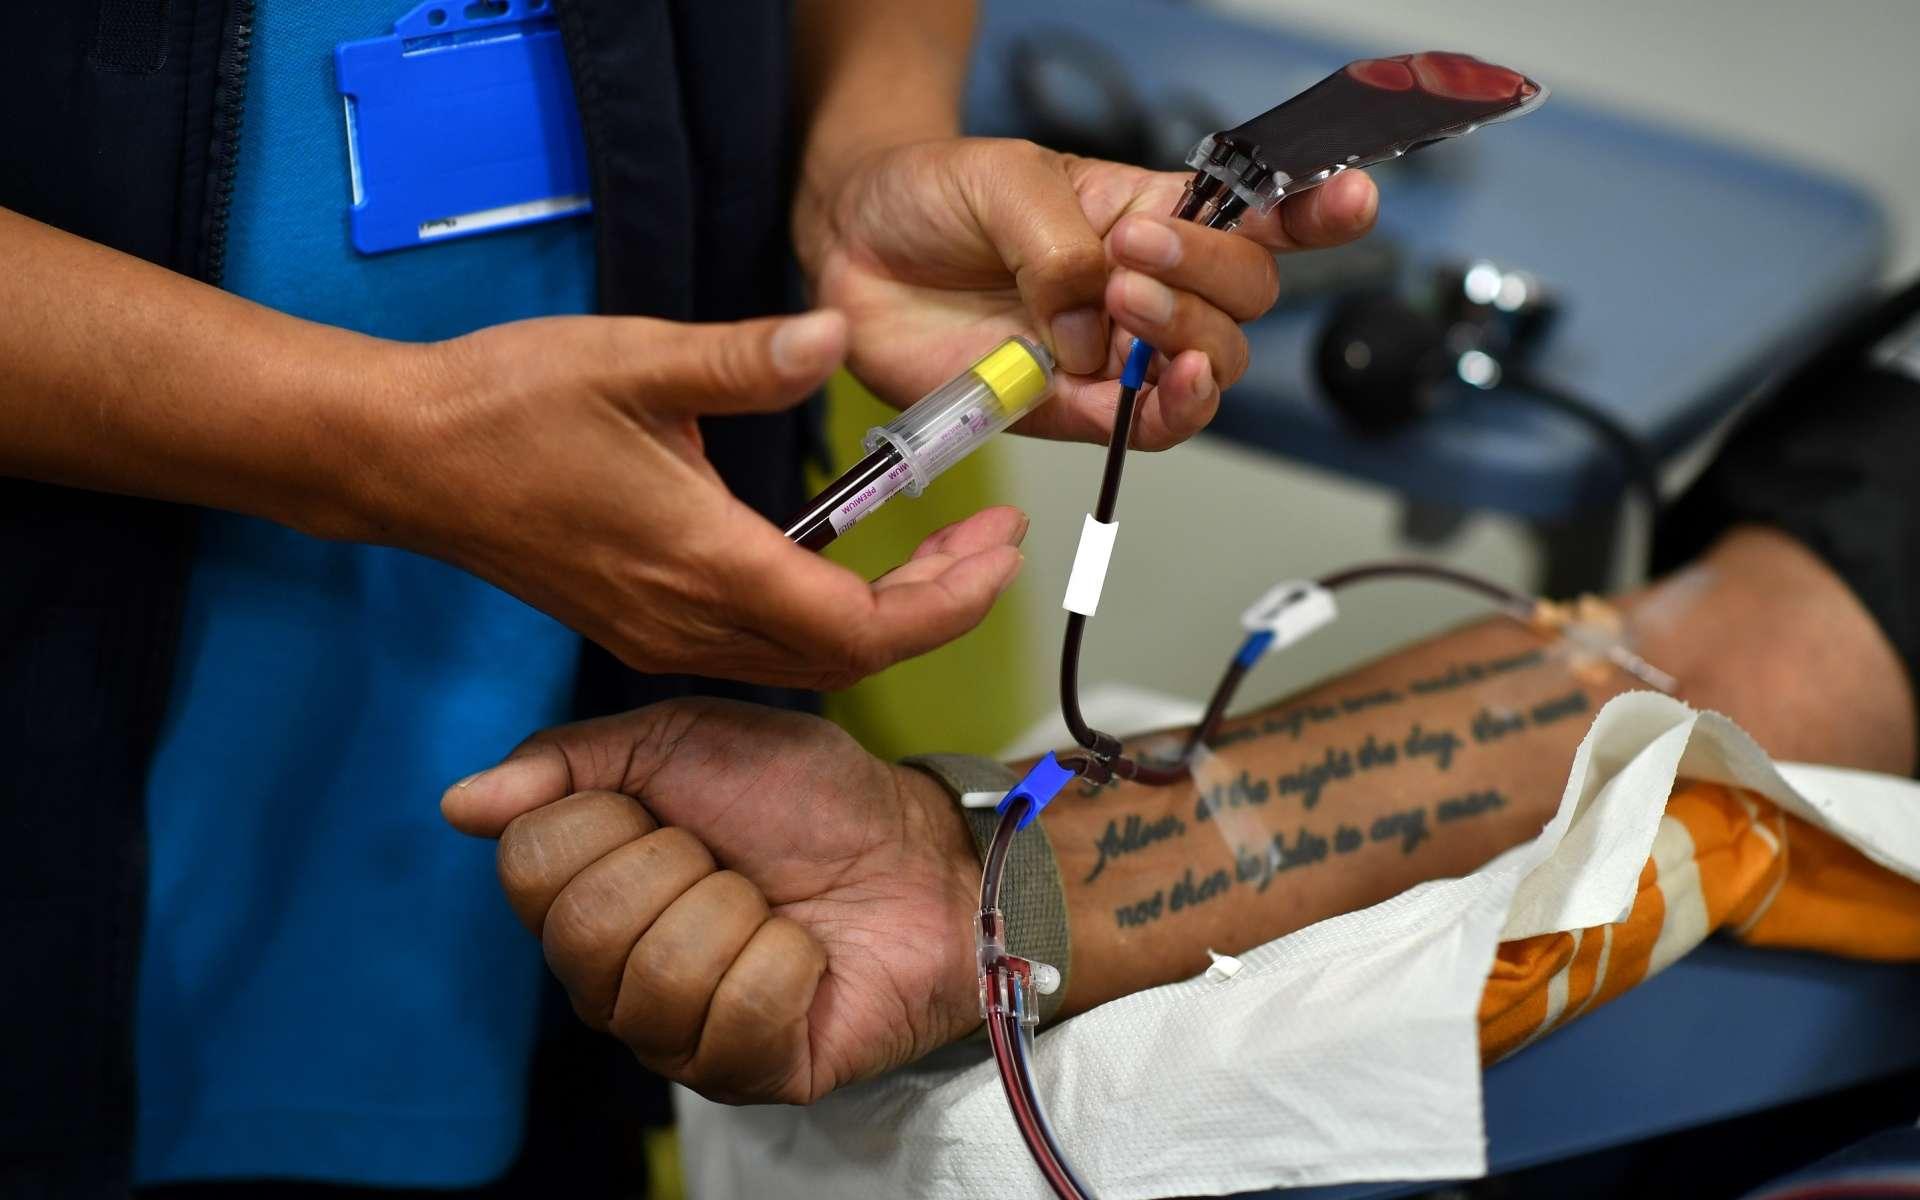 Ce qu'il faut savoir sur le traitement du Covid-19 grâce au plasma. © Ben Stansall, AFP